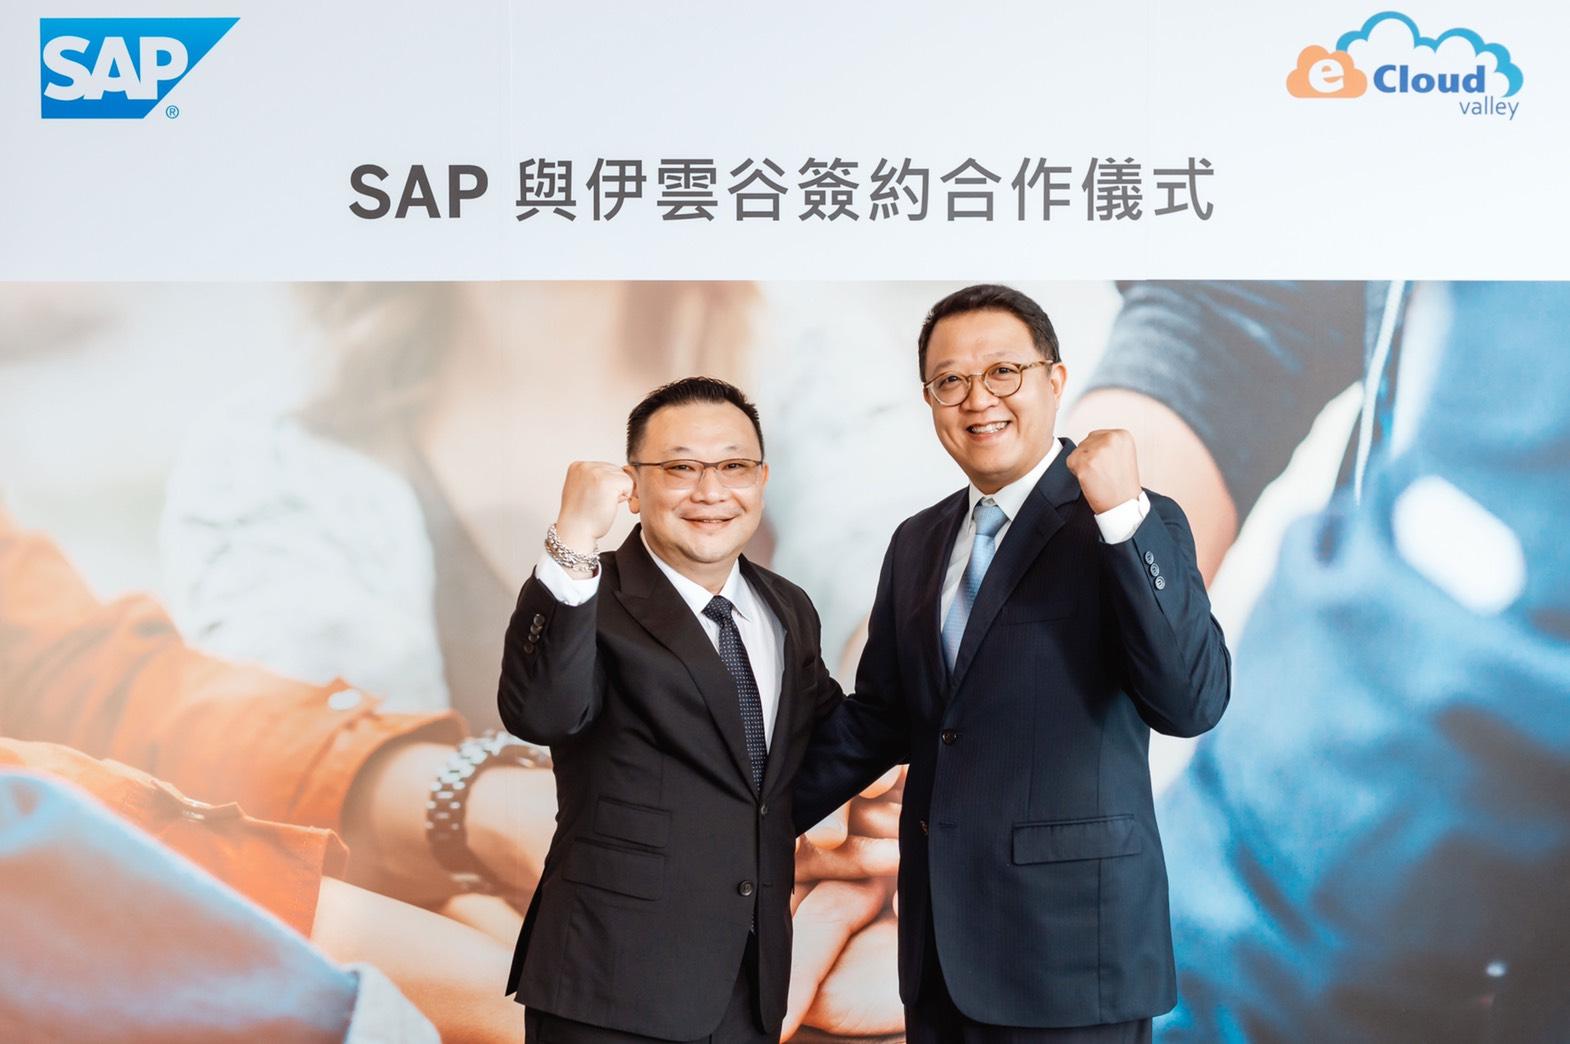 強強聯手!SAP、伊雲谷技術合作 協助企業數位轉型